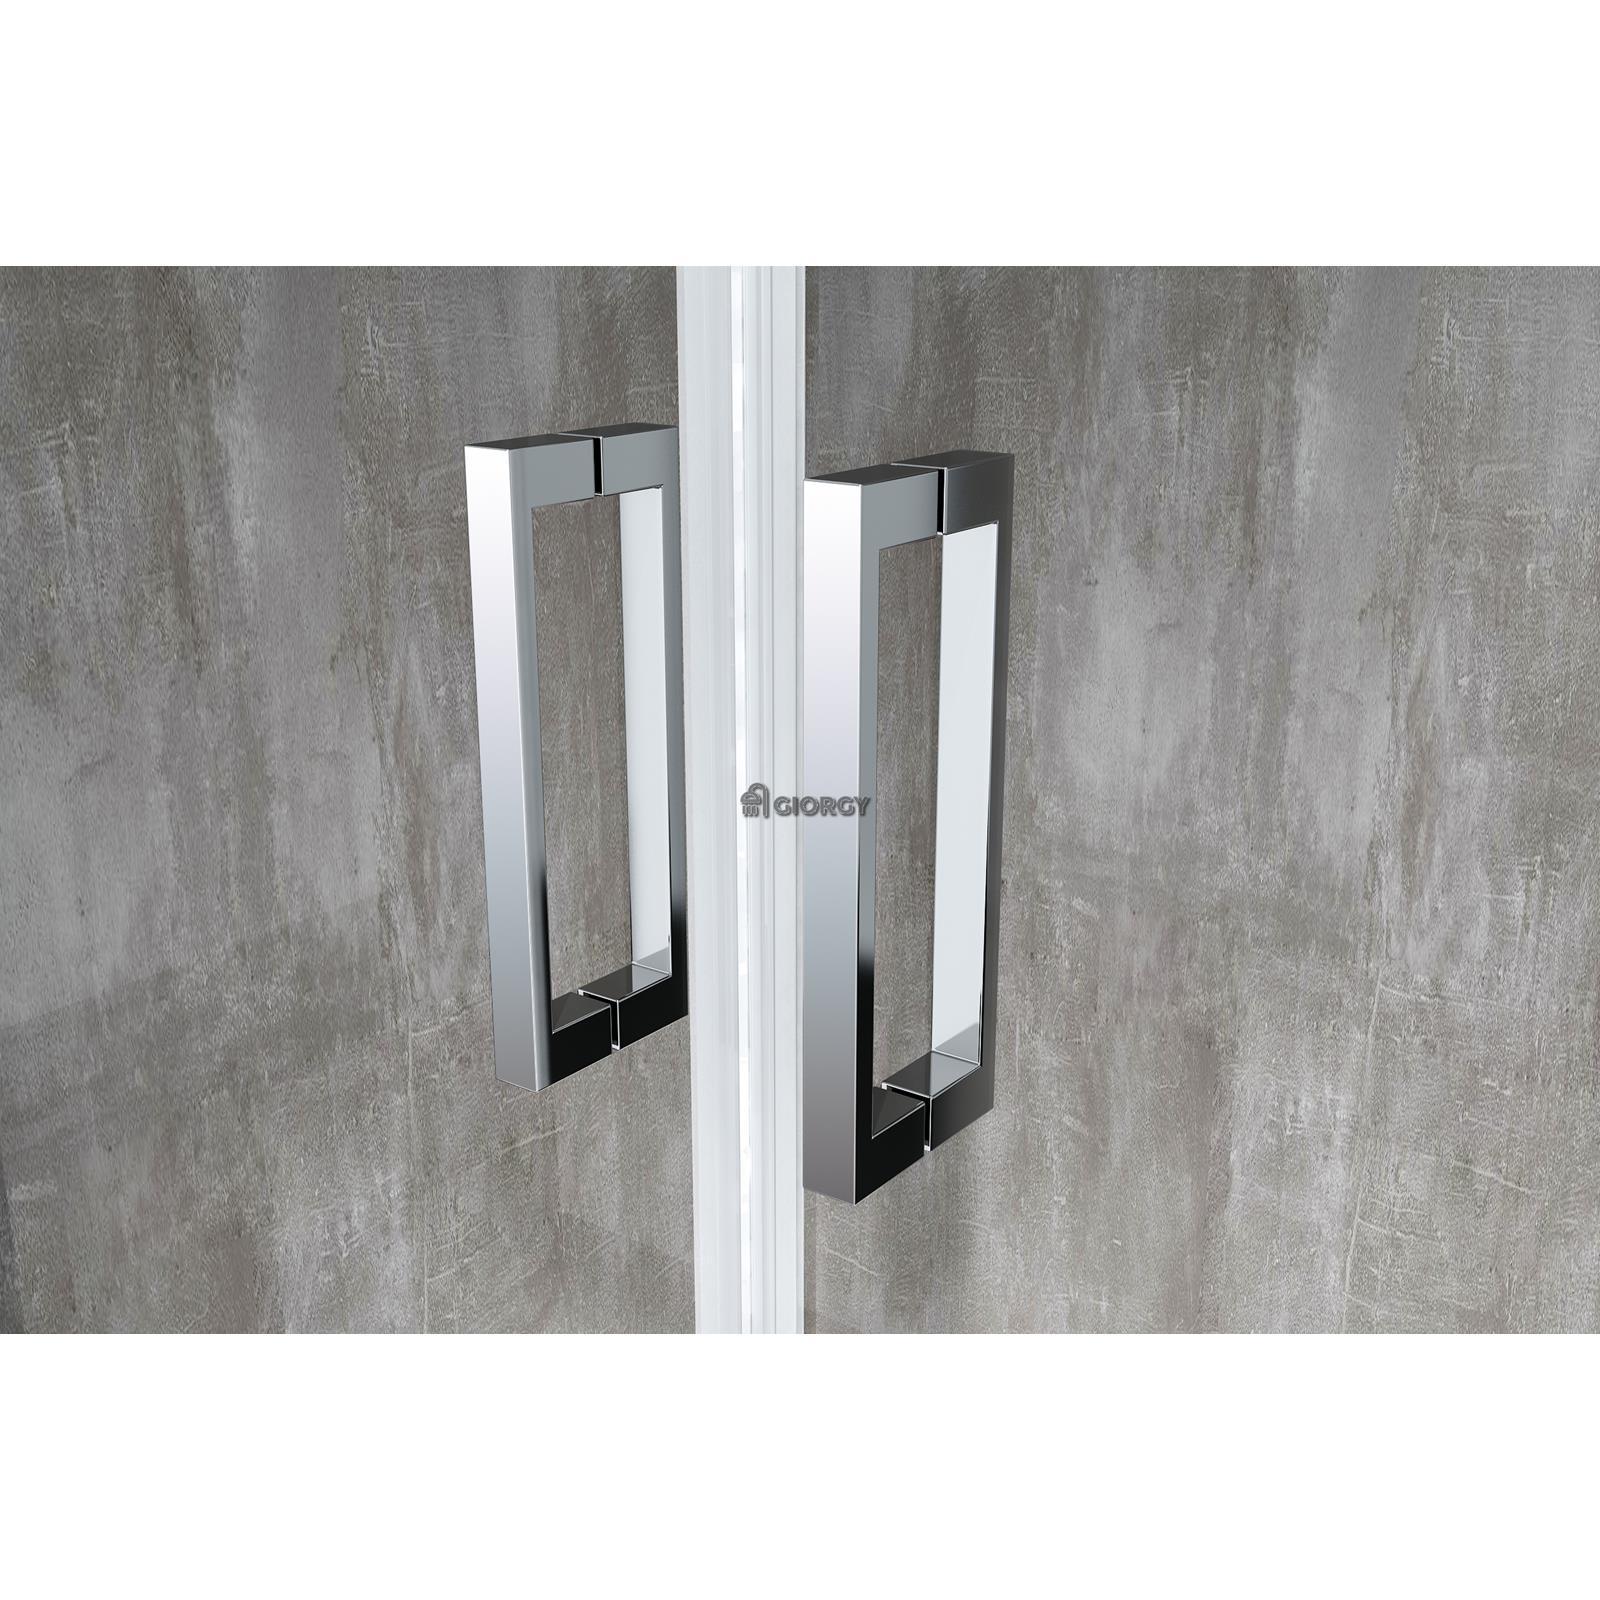 Box cabina doccia 2 lati porta saloon lato fisso battente easyclean 6 mm bagno ebay - Porta cabina doccia ...